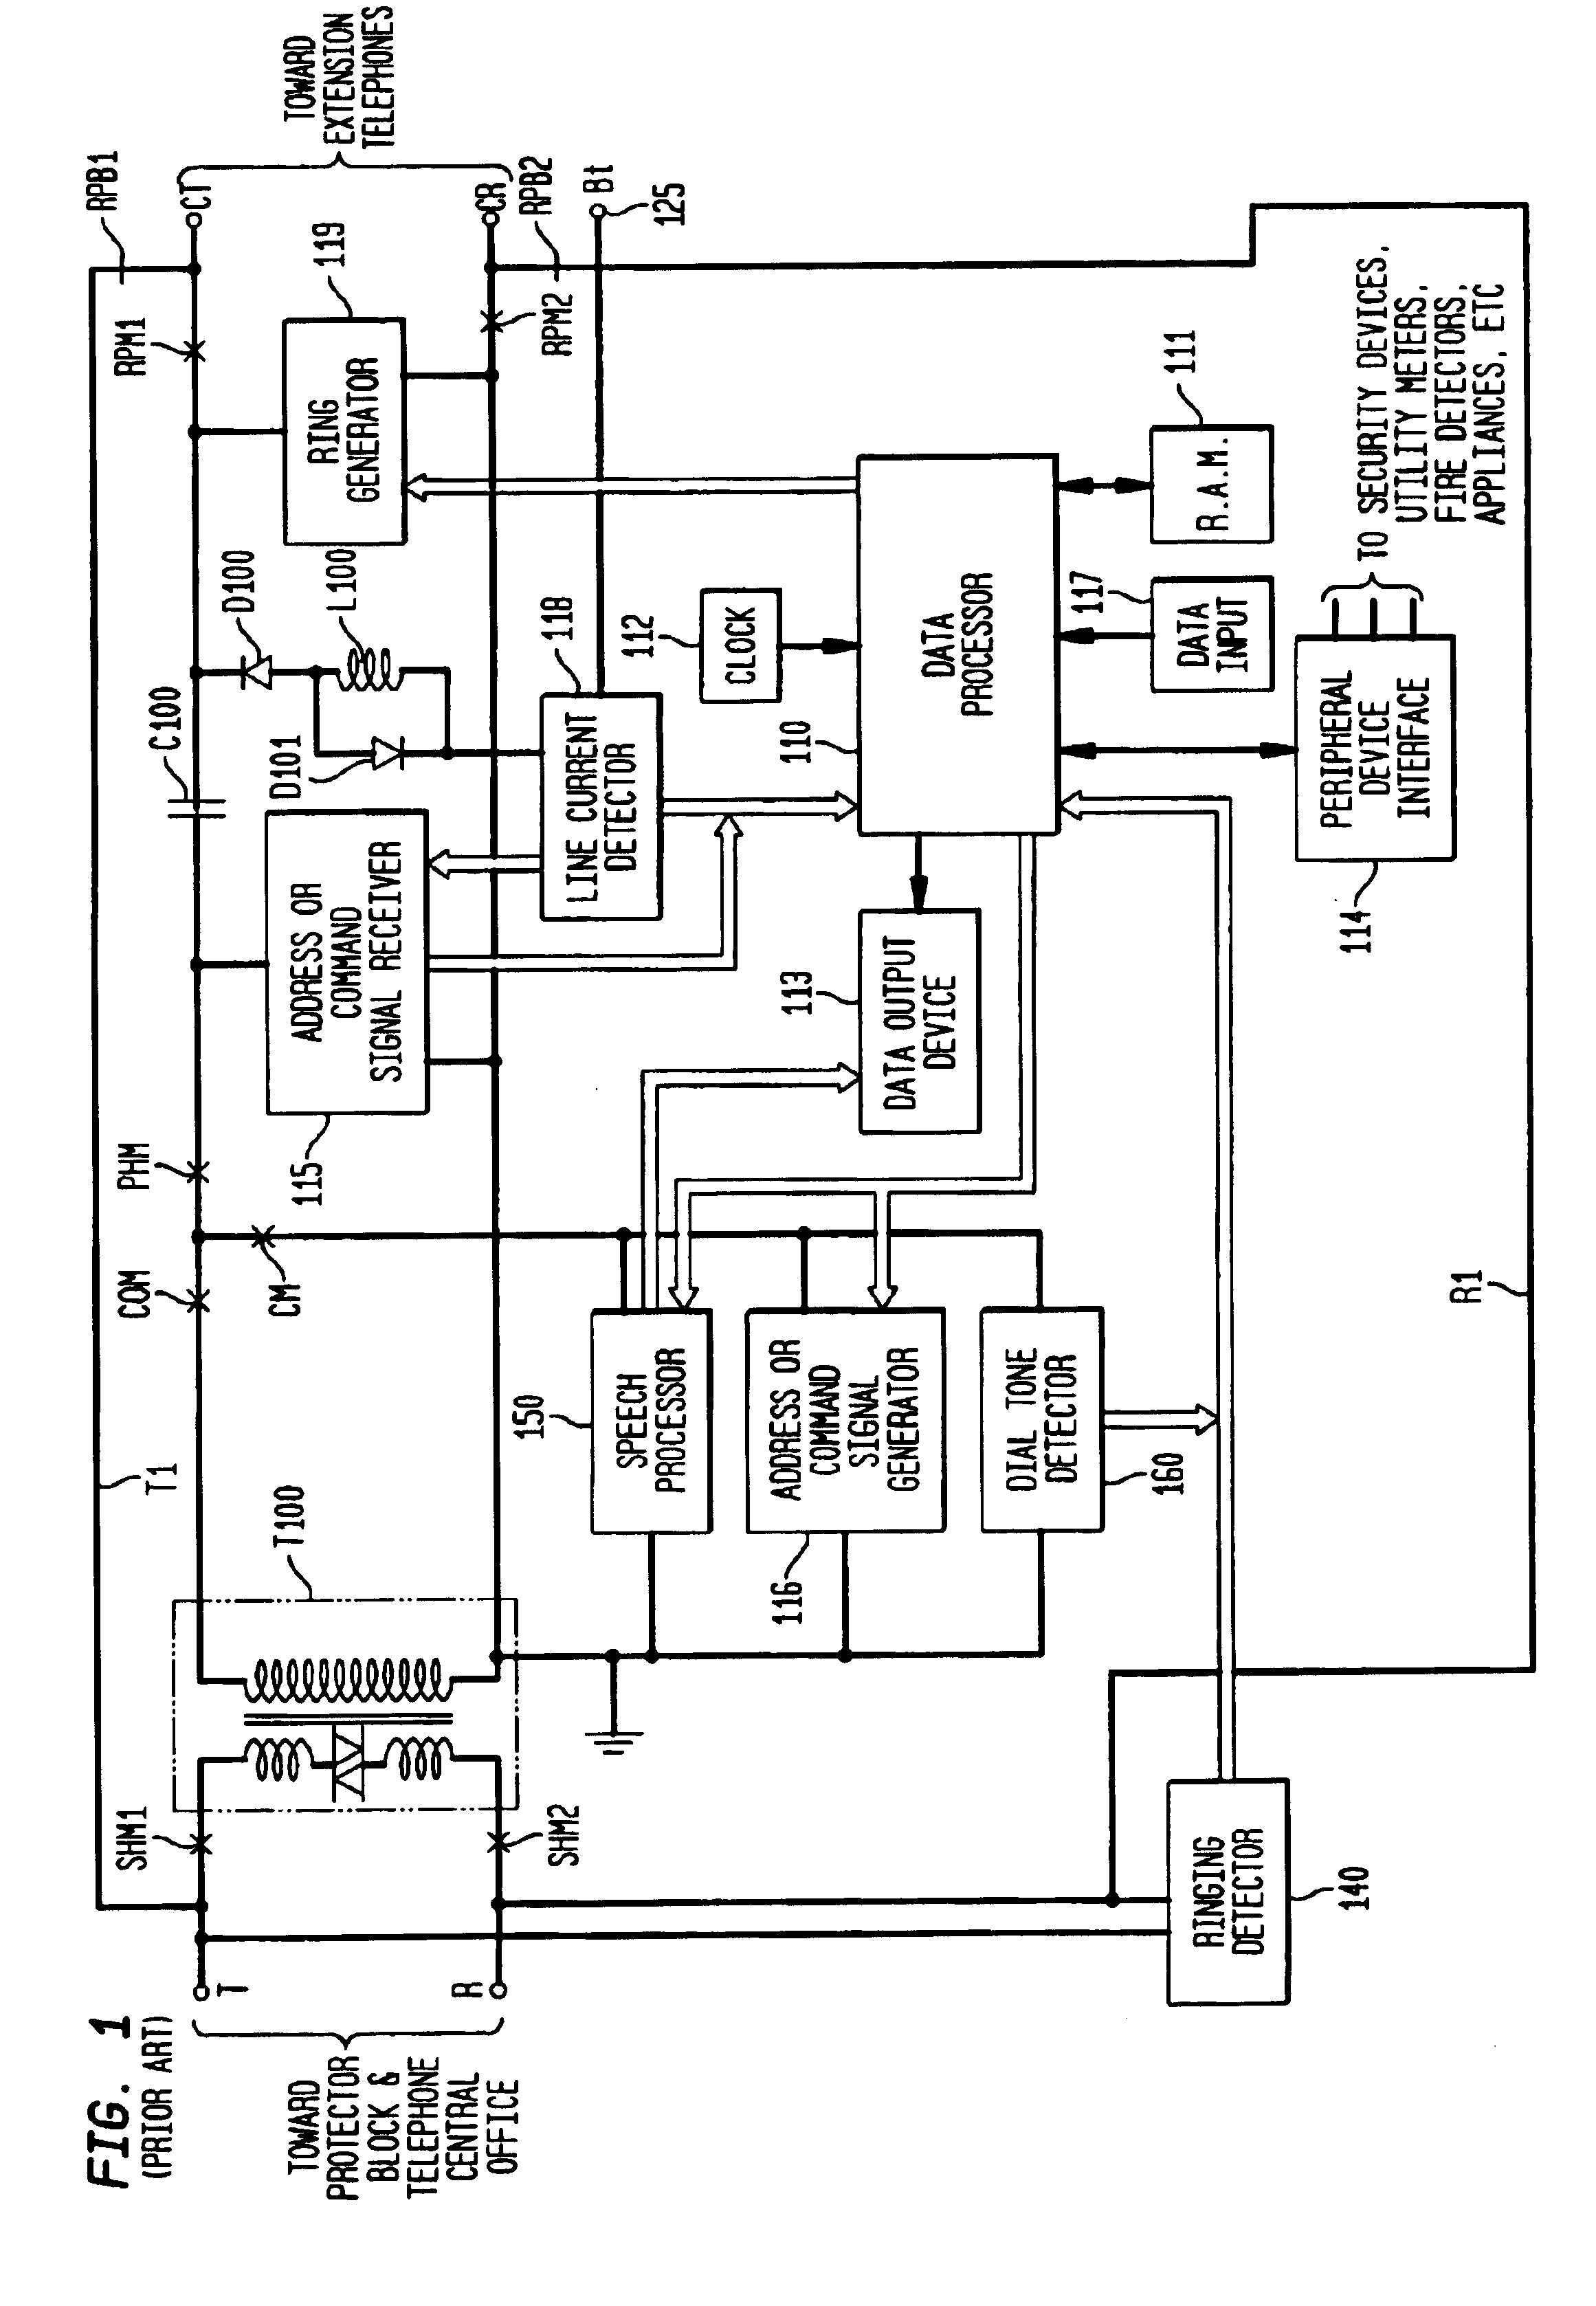 patent us6744786